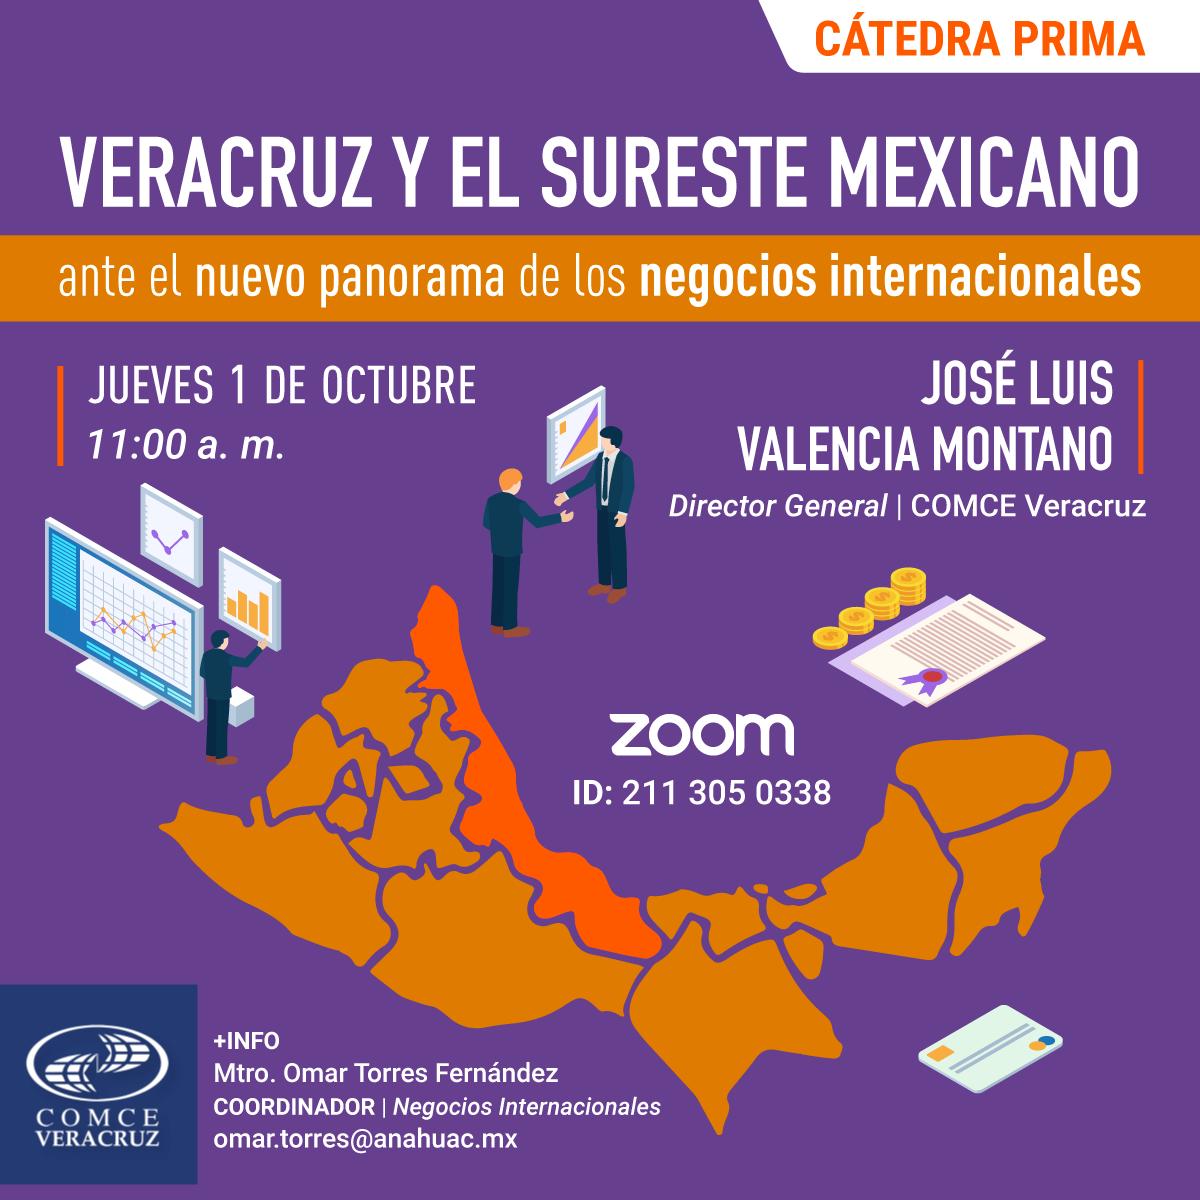 Veracruz y el Sureste Mexicano ante el Nuevo Panorama de los Negocios Internacionales